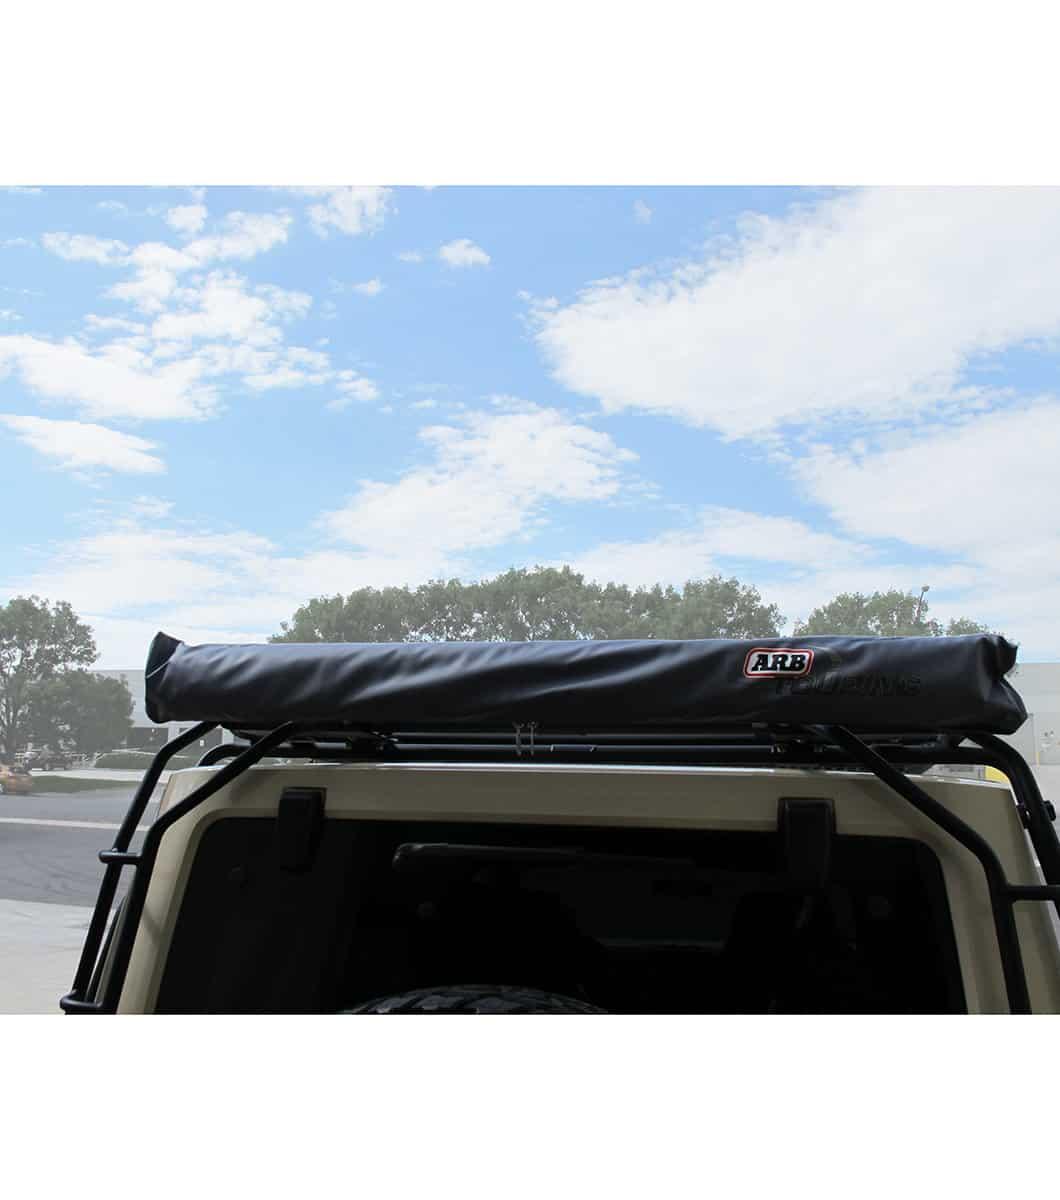 ARB Rear Awning Brackets - Jeep Wrangler | GOBI Racks